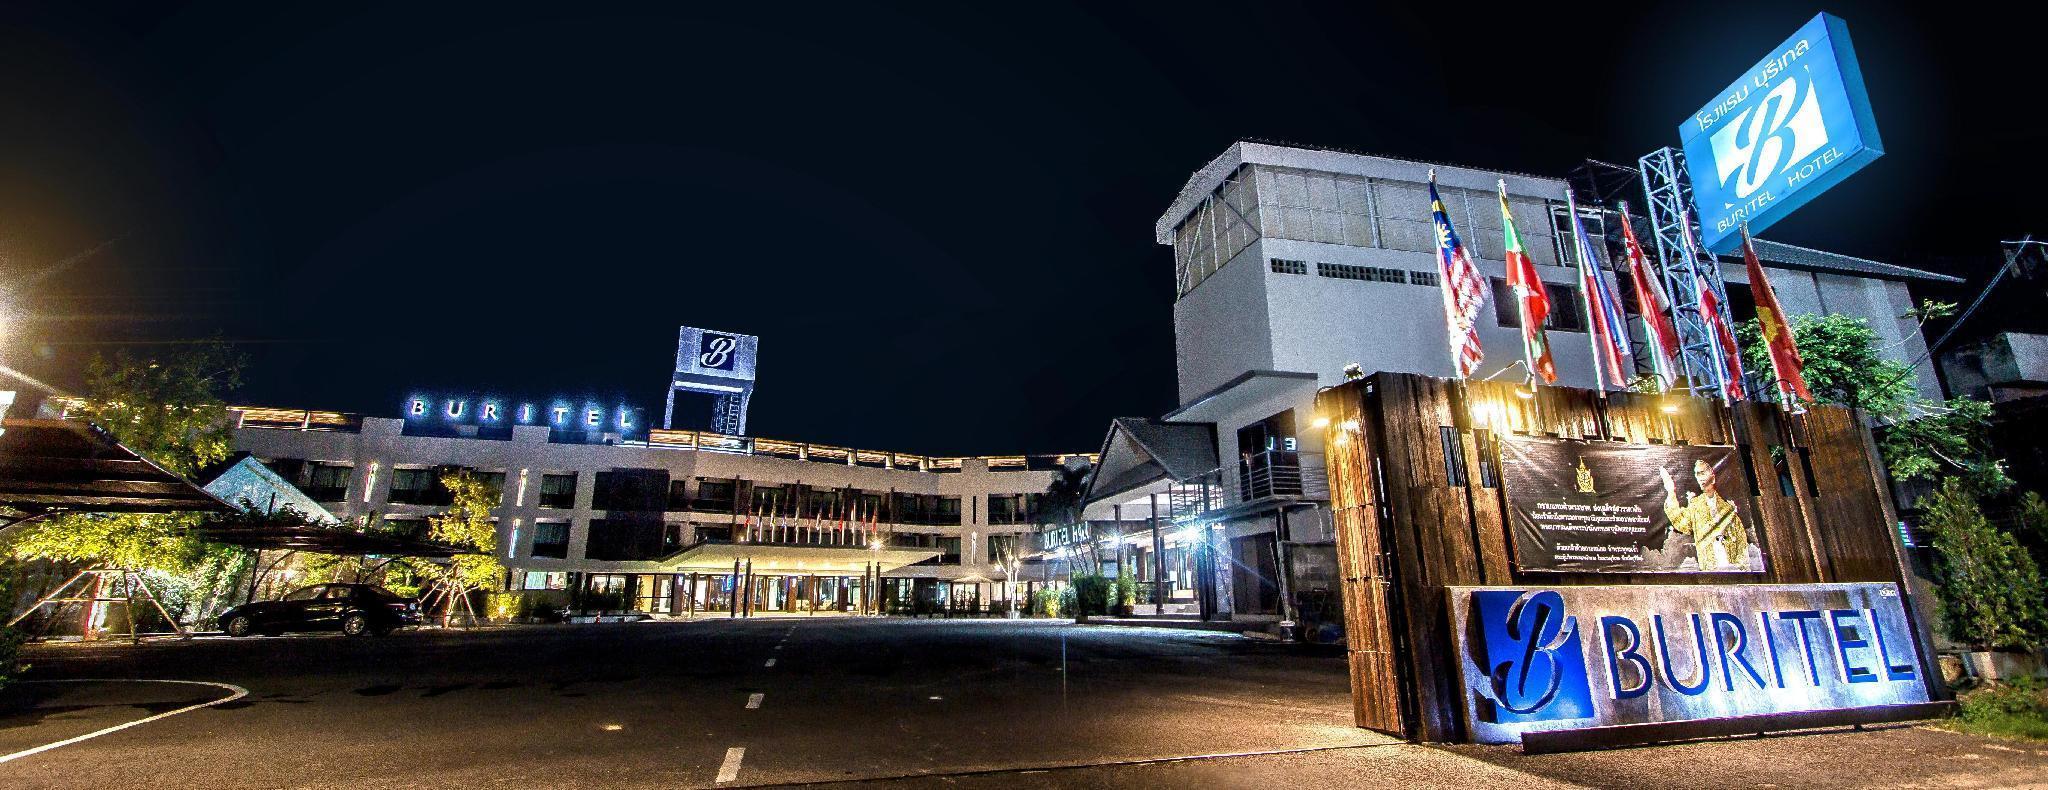 Buritel Hotel โรงแรมบุรีเทล